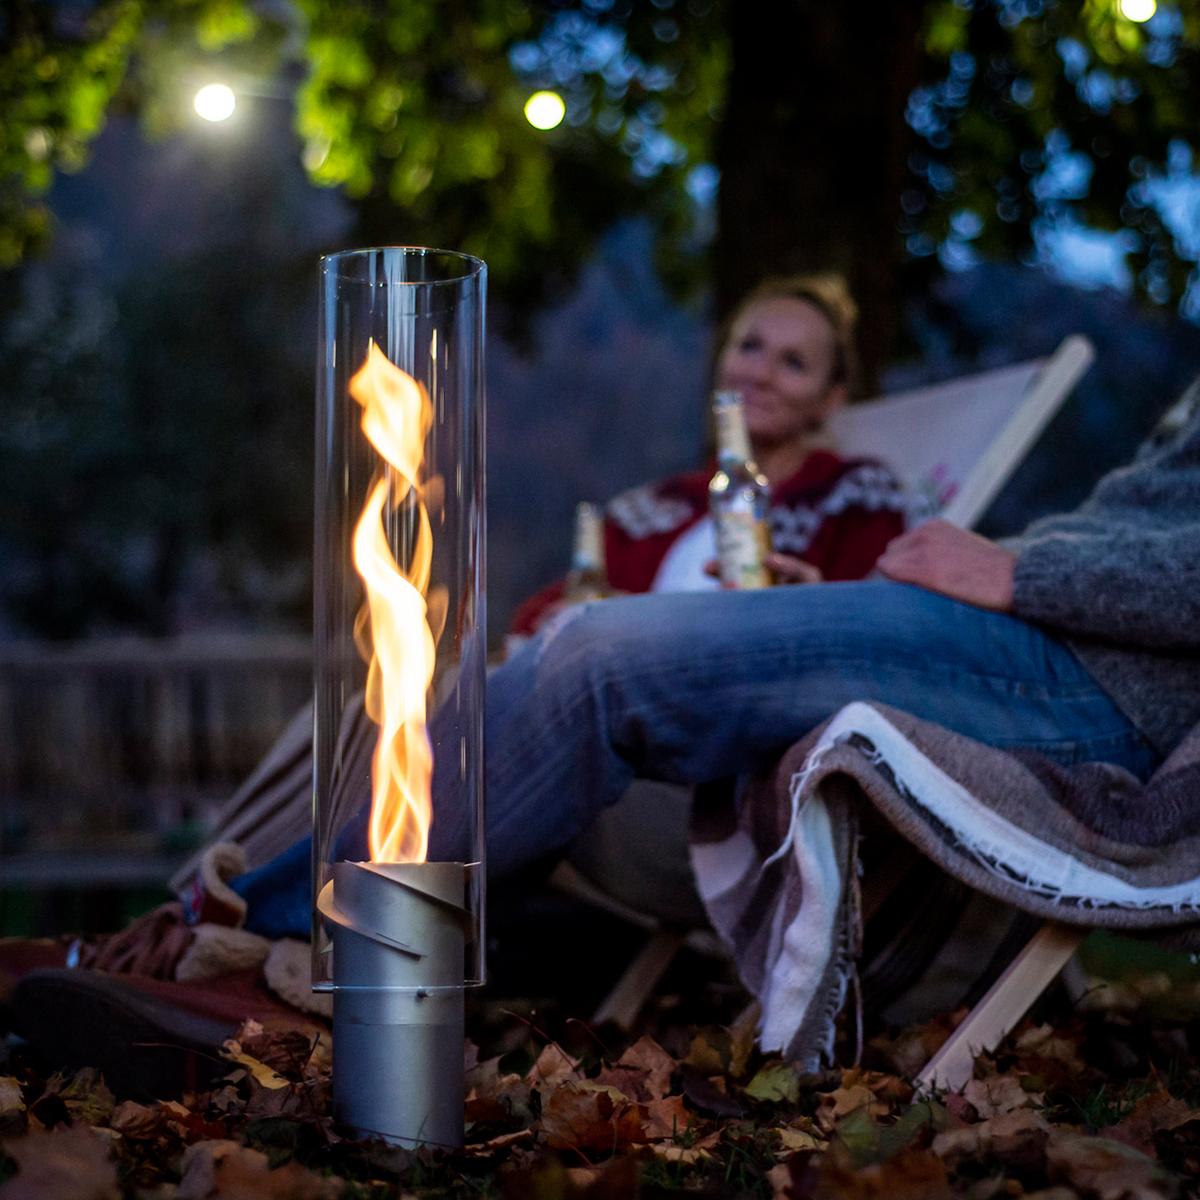 ガーデン・アウトドアランタンとして地面に直接置いて使用。煙突効果で炎が廻りながら上昇!煙が出にくい安全燃料の「テーブルランタン&ガーデントーチ」|Hofats SPIN(ホーファッツ スピン)